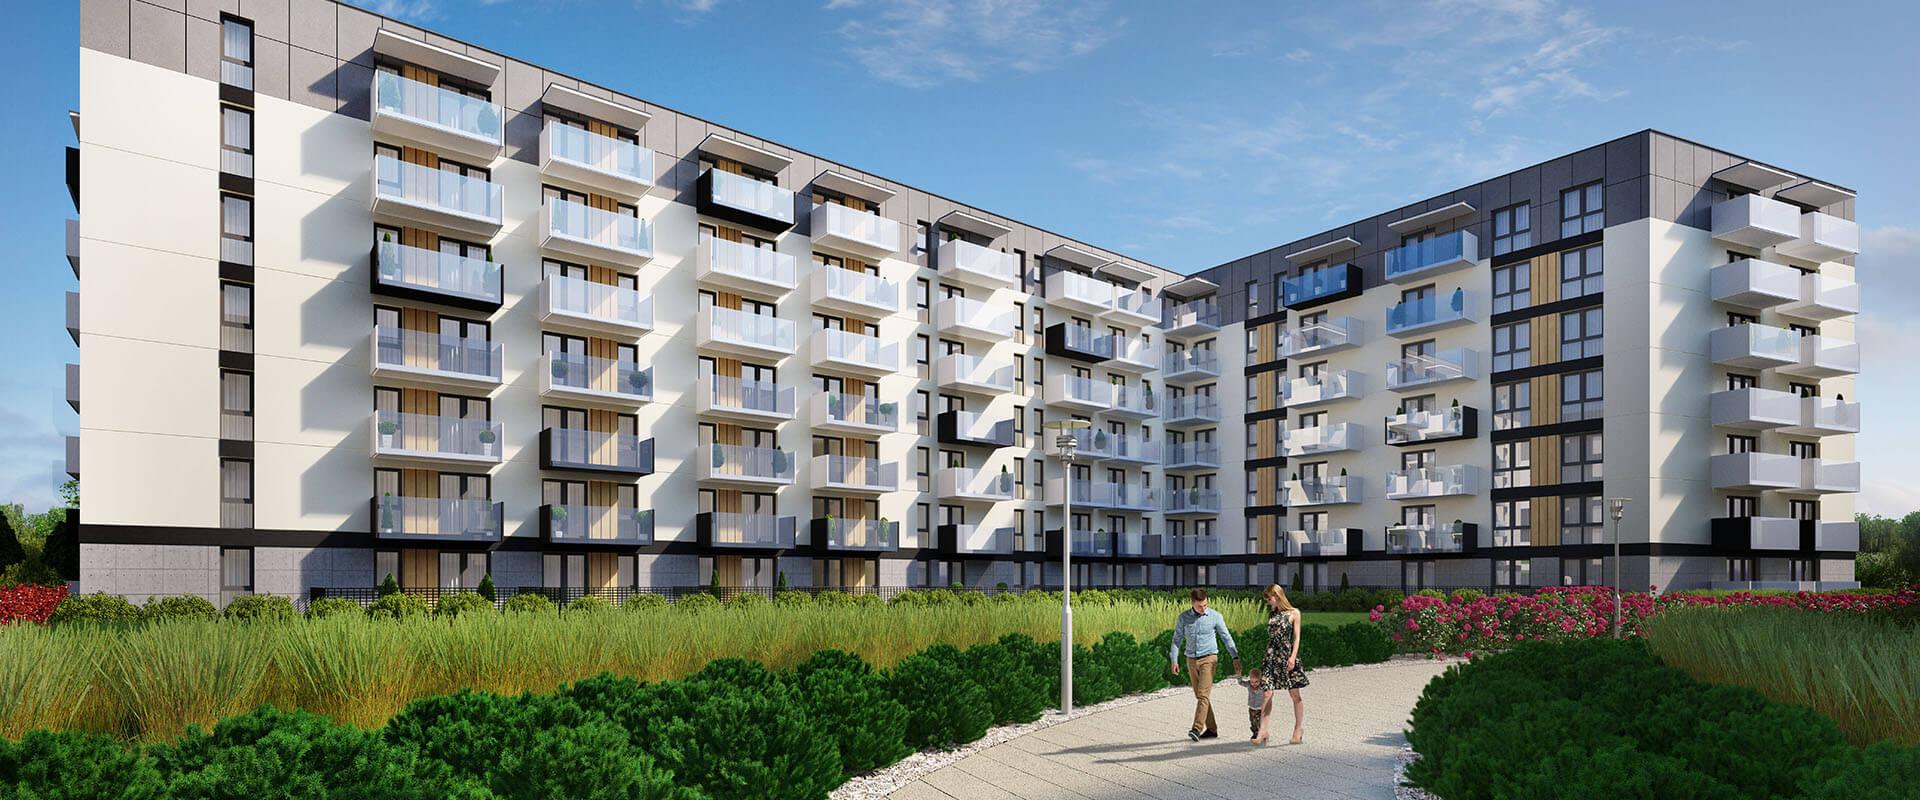 Dlaczego warto zamieszkać w Bydgoszczy?